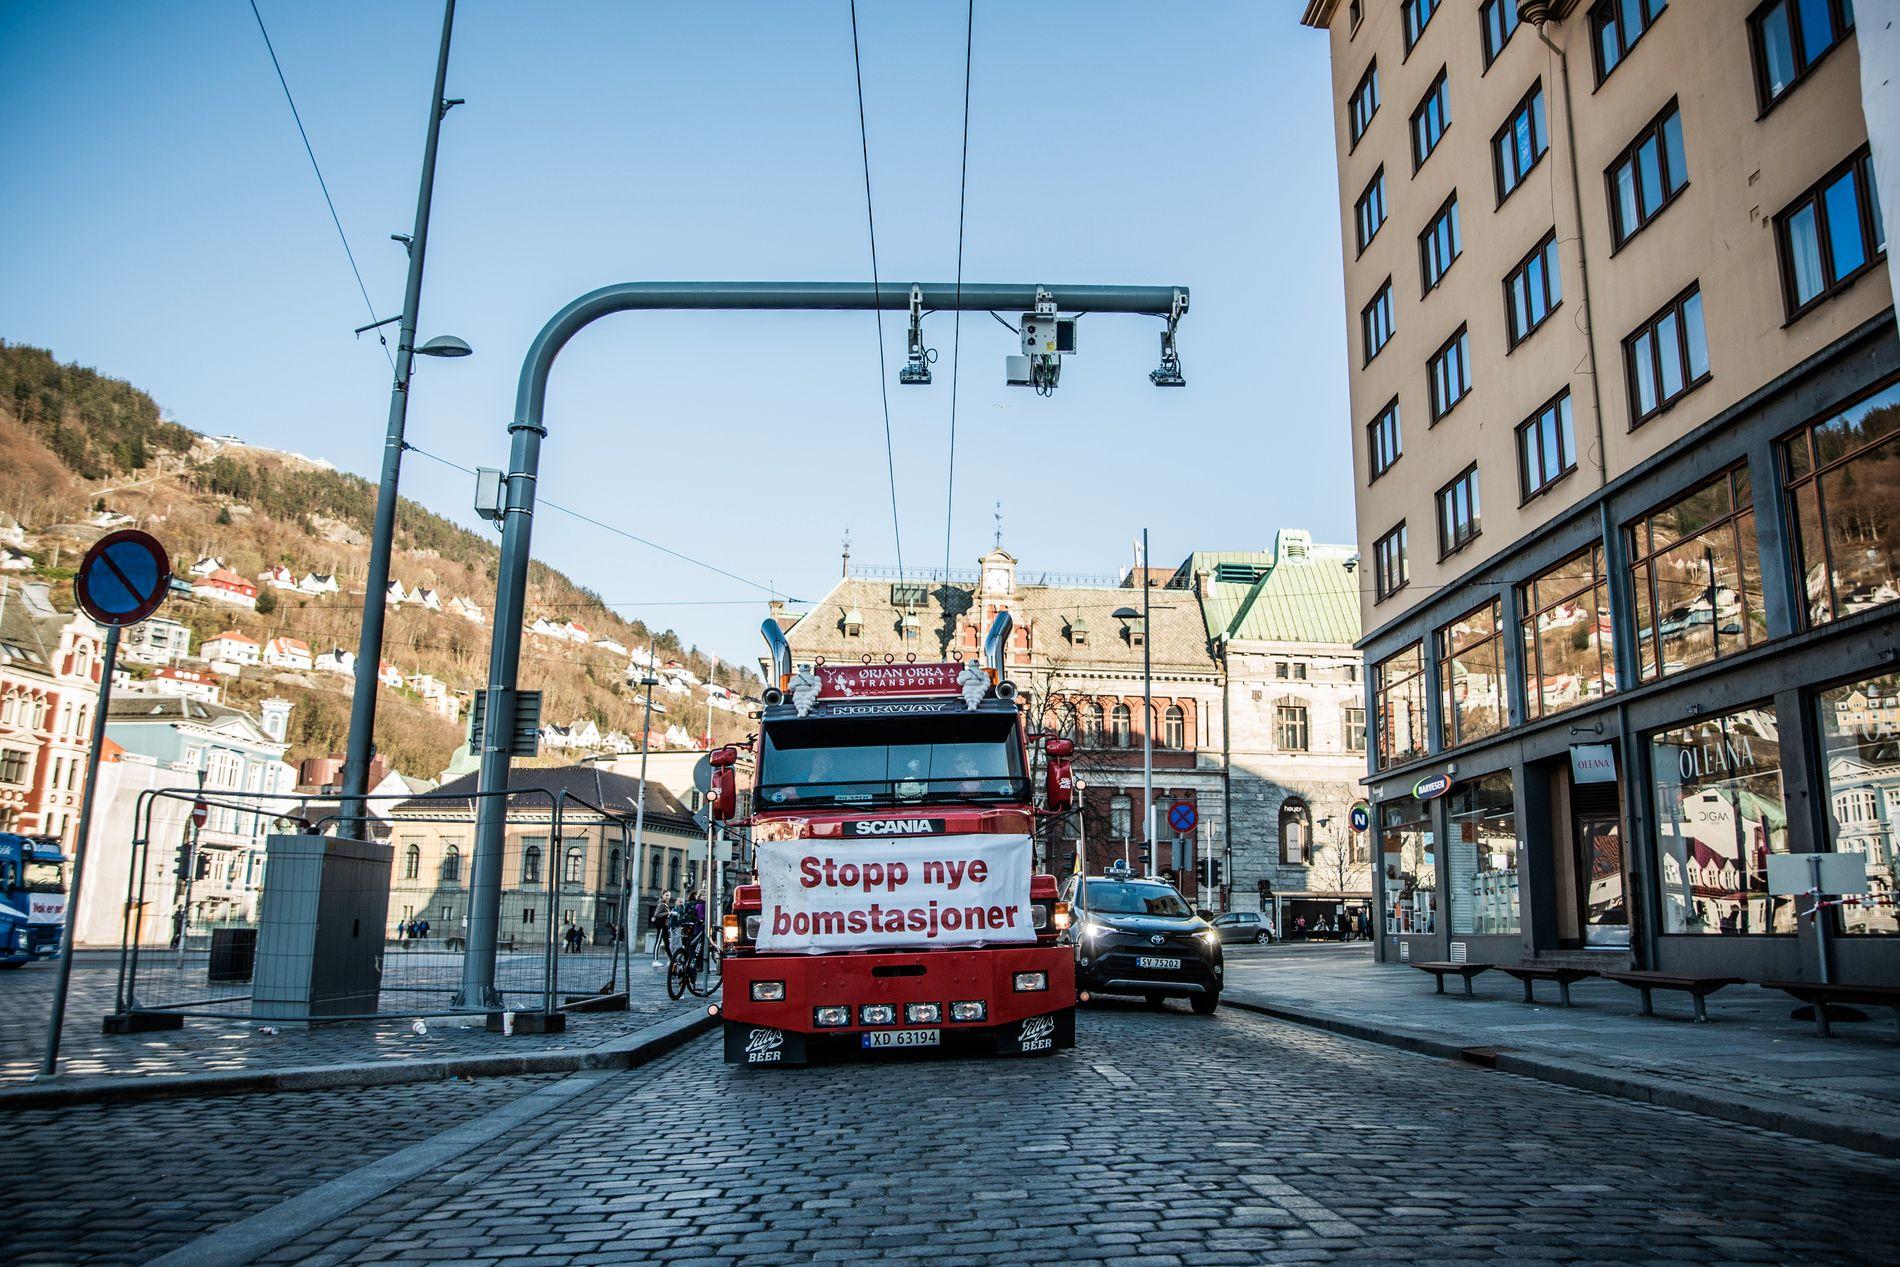 OMSTRIDT: Norge trenger et mer rettferdig system enn bomringer, mener innsenderen. Bildet er fra en aksjon mot bompenger i Bergen nylig.